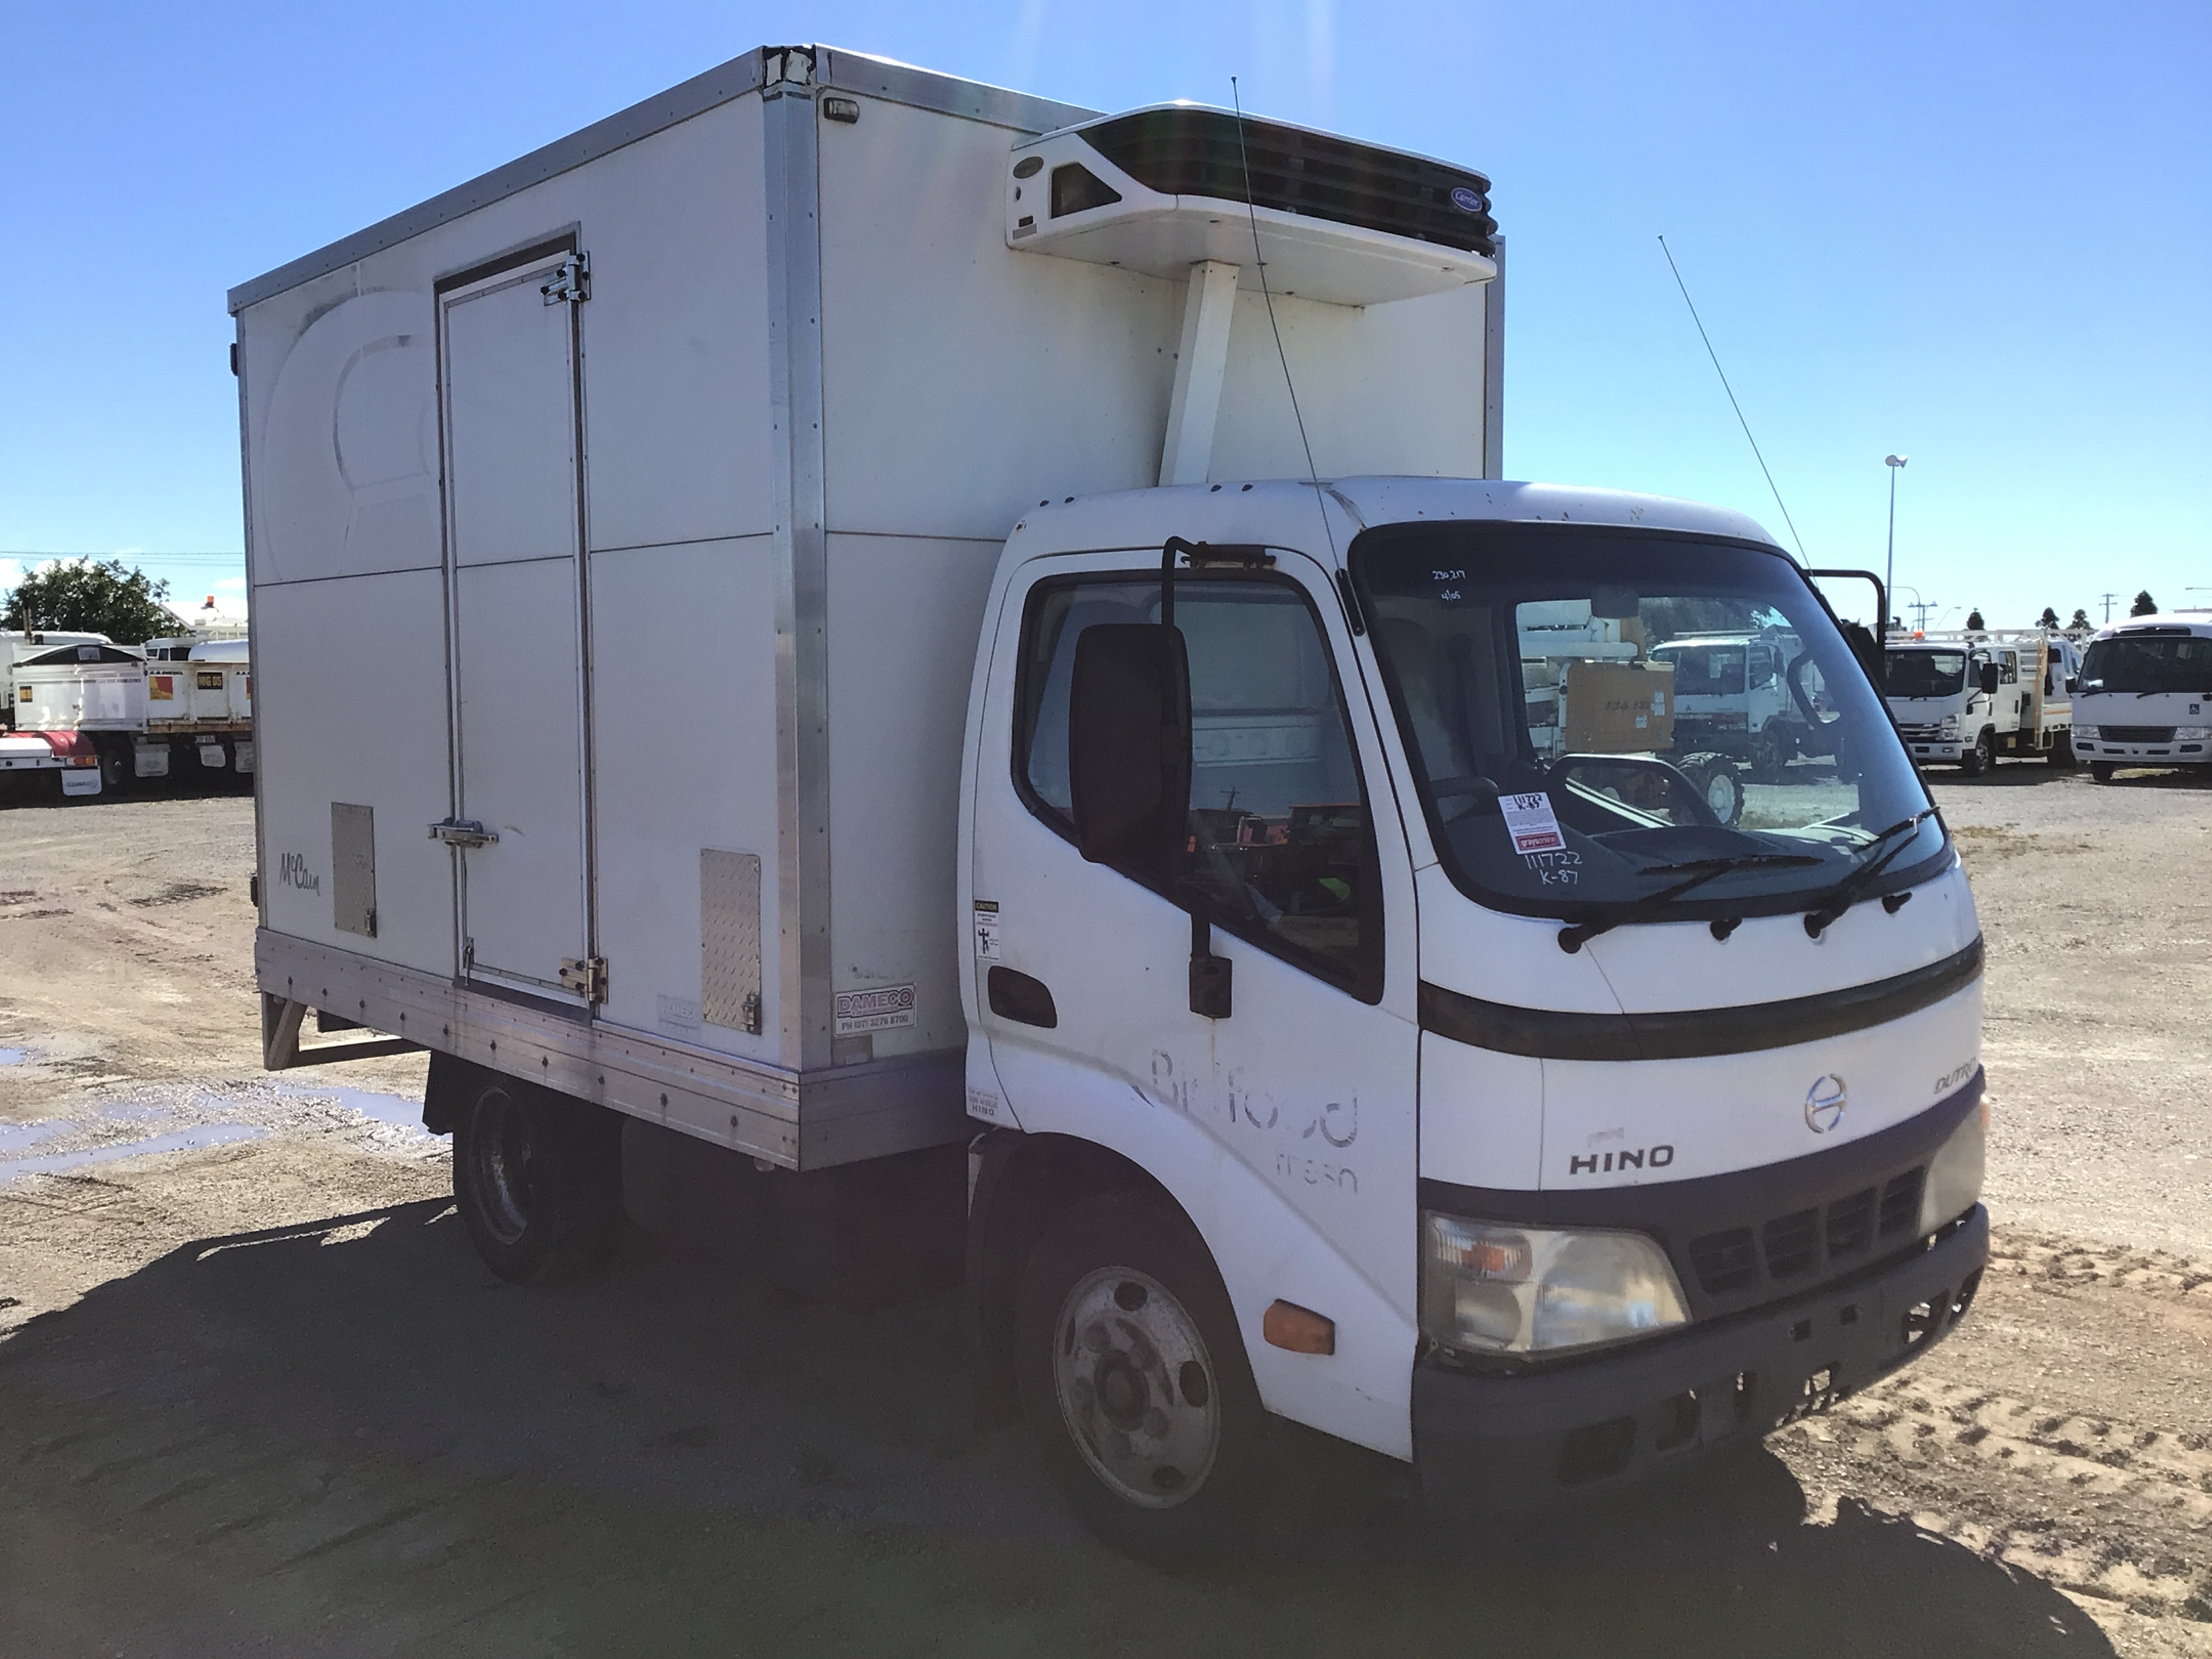 2005 Hino Dutro 4 x 2 Refrigerated Body Truck